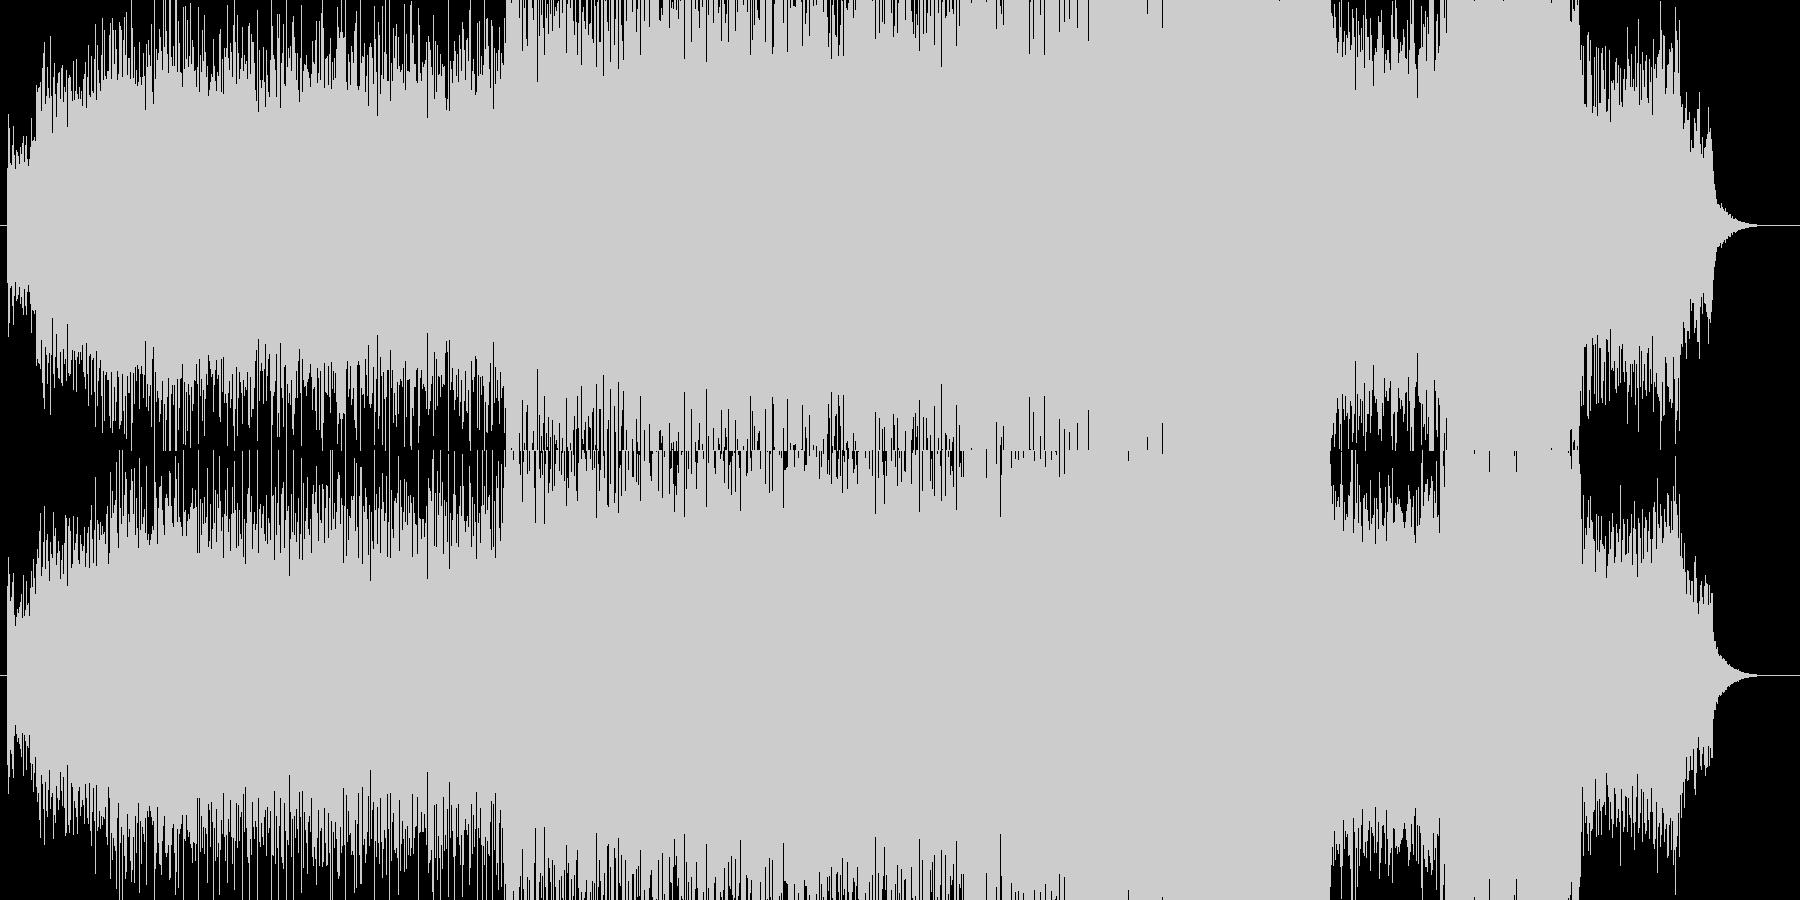 雨の中、侍が歩いているイメージです。の未再生の波形